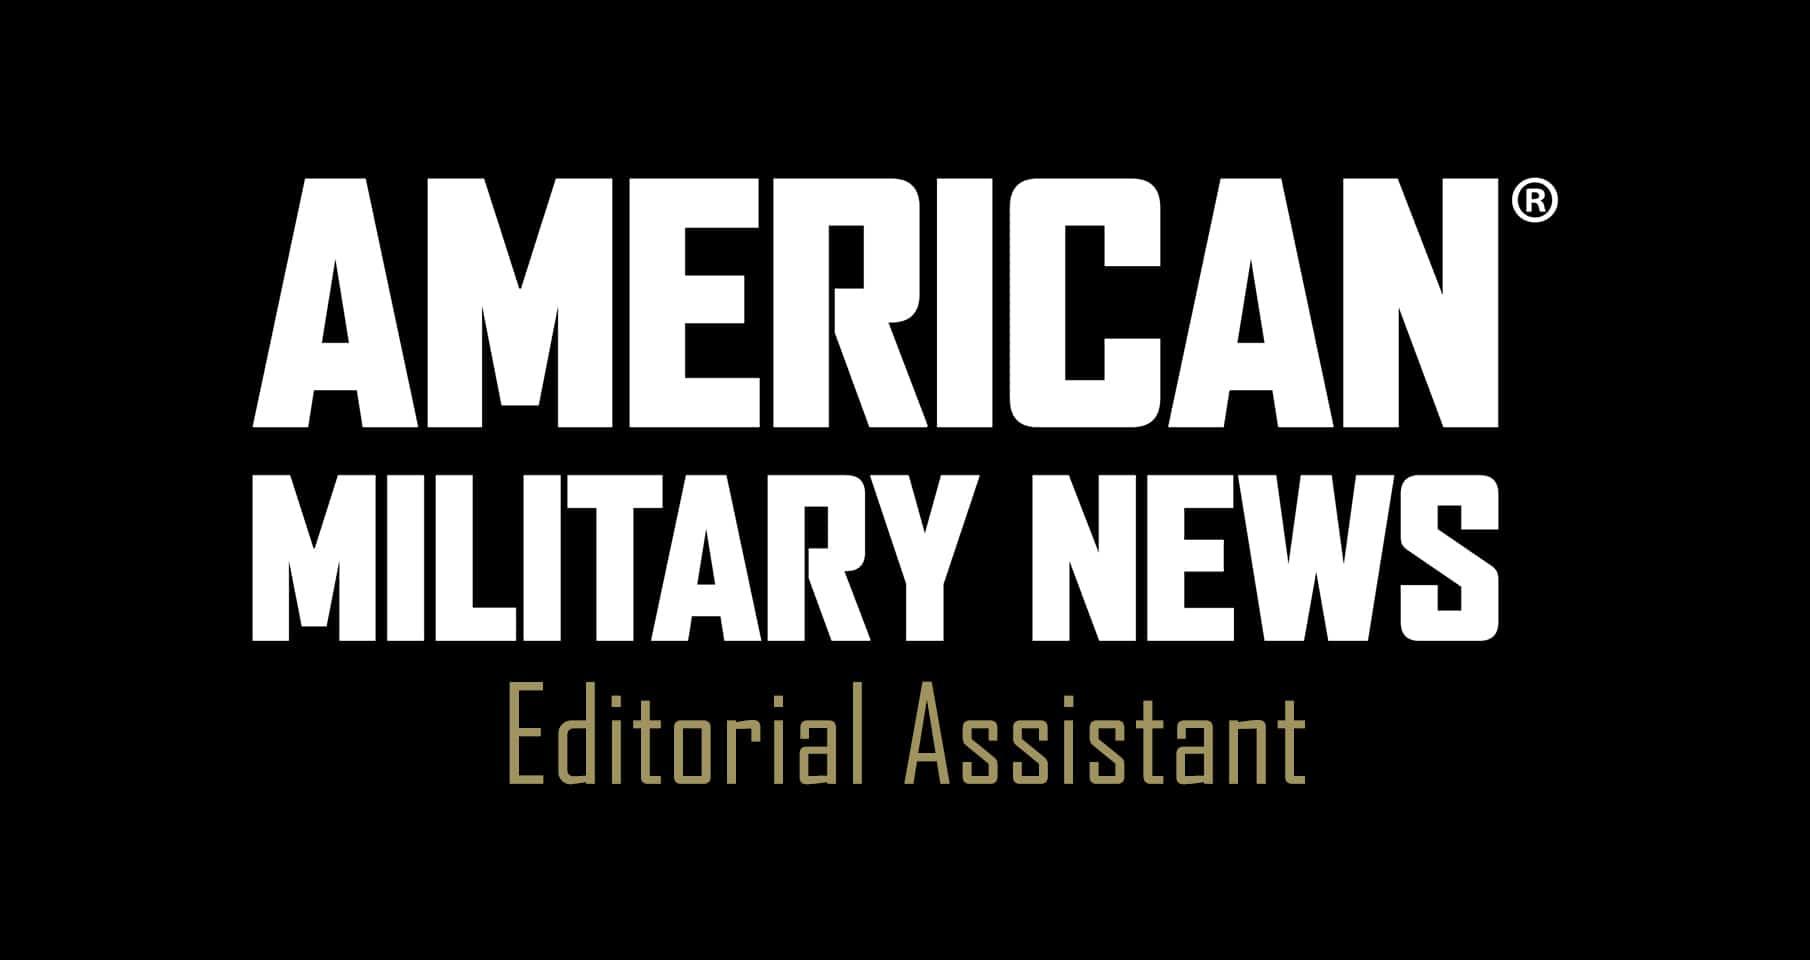 AMN Editorial Assistant Job Description